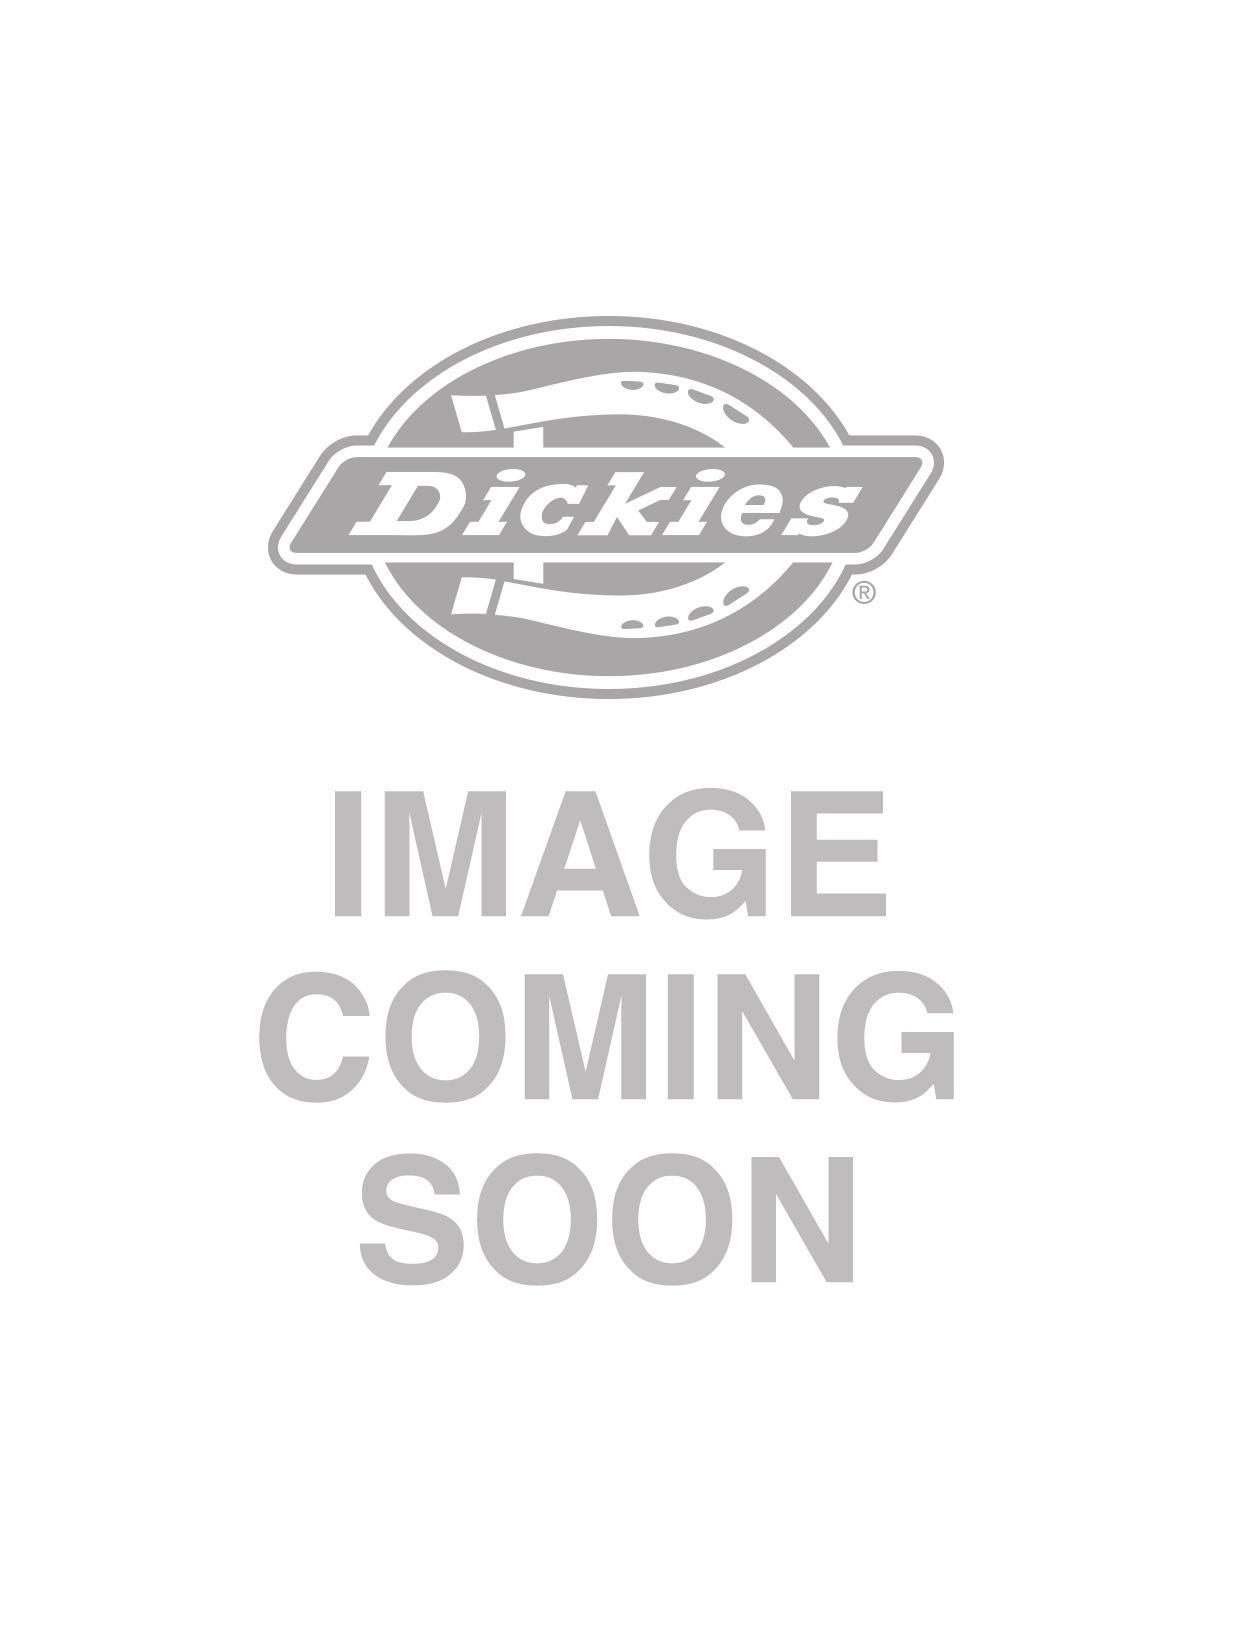 Dickies Springlake Sweatshirt